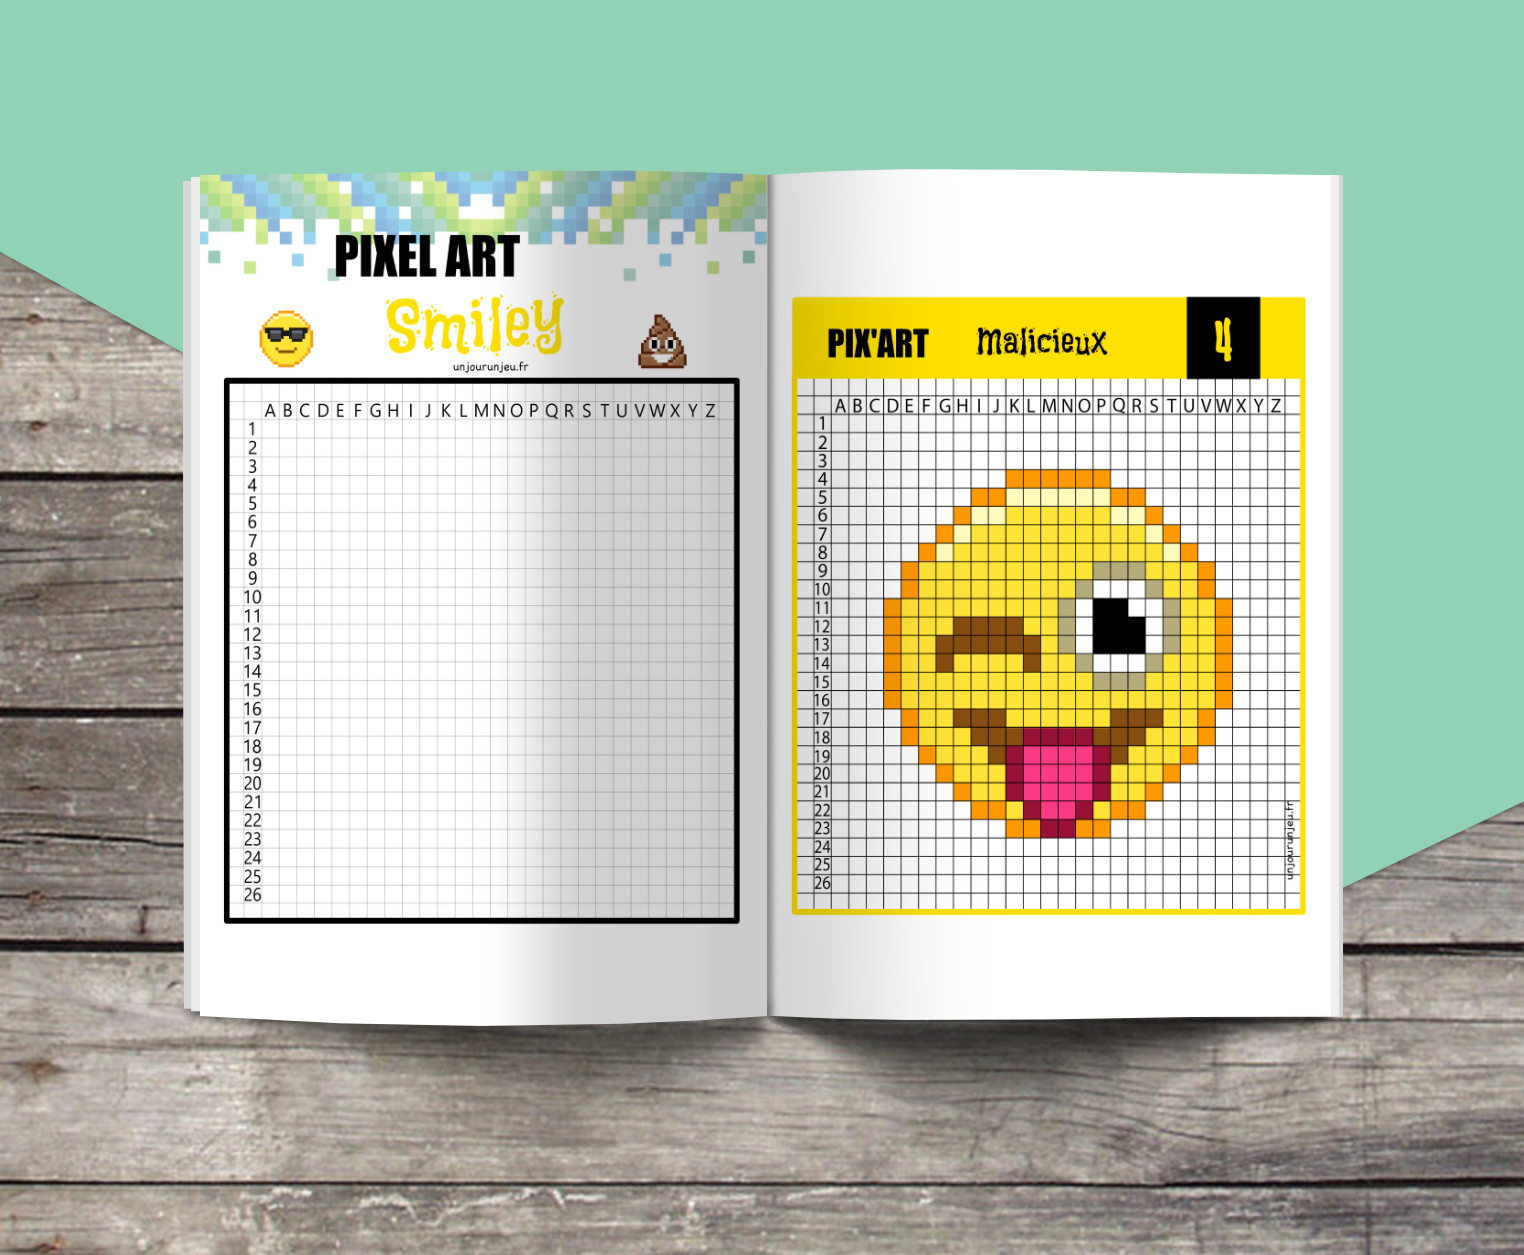 12 Modèles De Pixel Art Smiley À Télécharger Gratuitement avec Pixel A Colorier